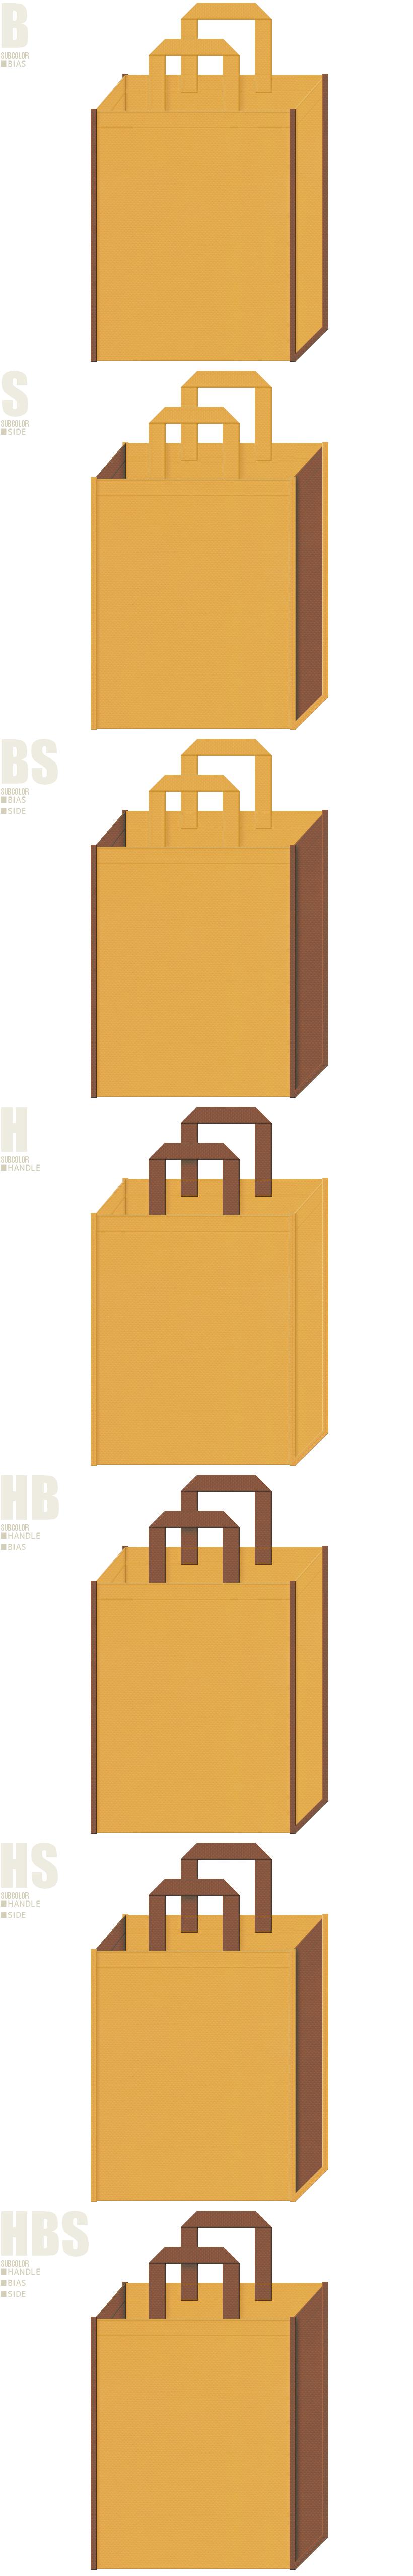 黄土色と茶色、7パターンの不織布トートバッグ配色デザイン例。スイーツ・木製インテリアの不織布バッグにお奨めの配色です。